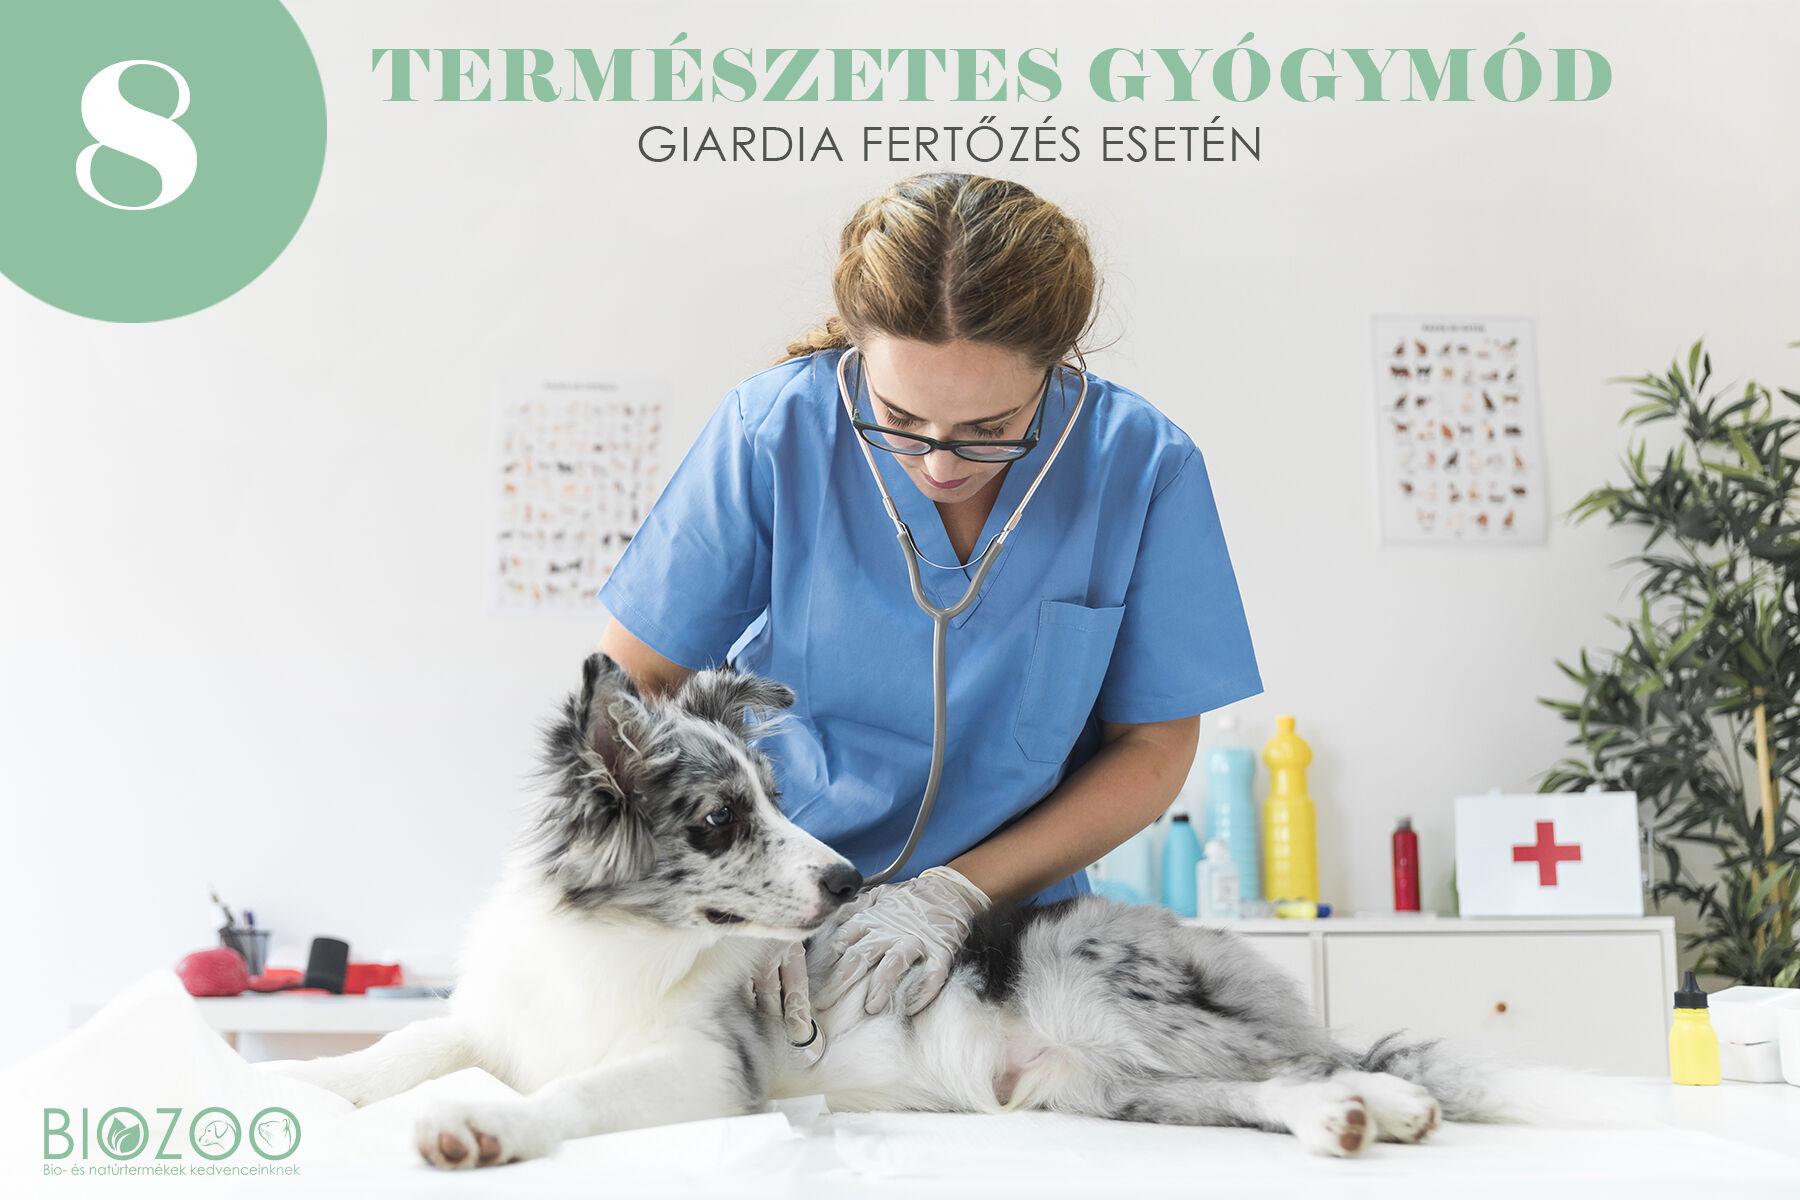 Hogyan óvja meg kutyáját a giardiafertőzéstől?